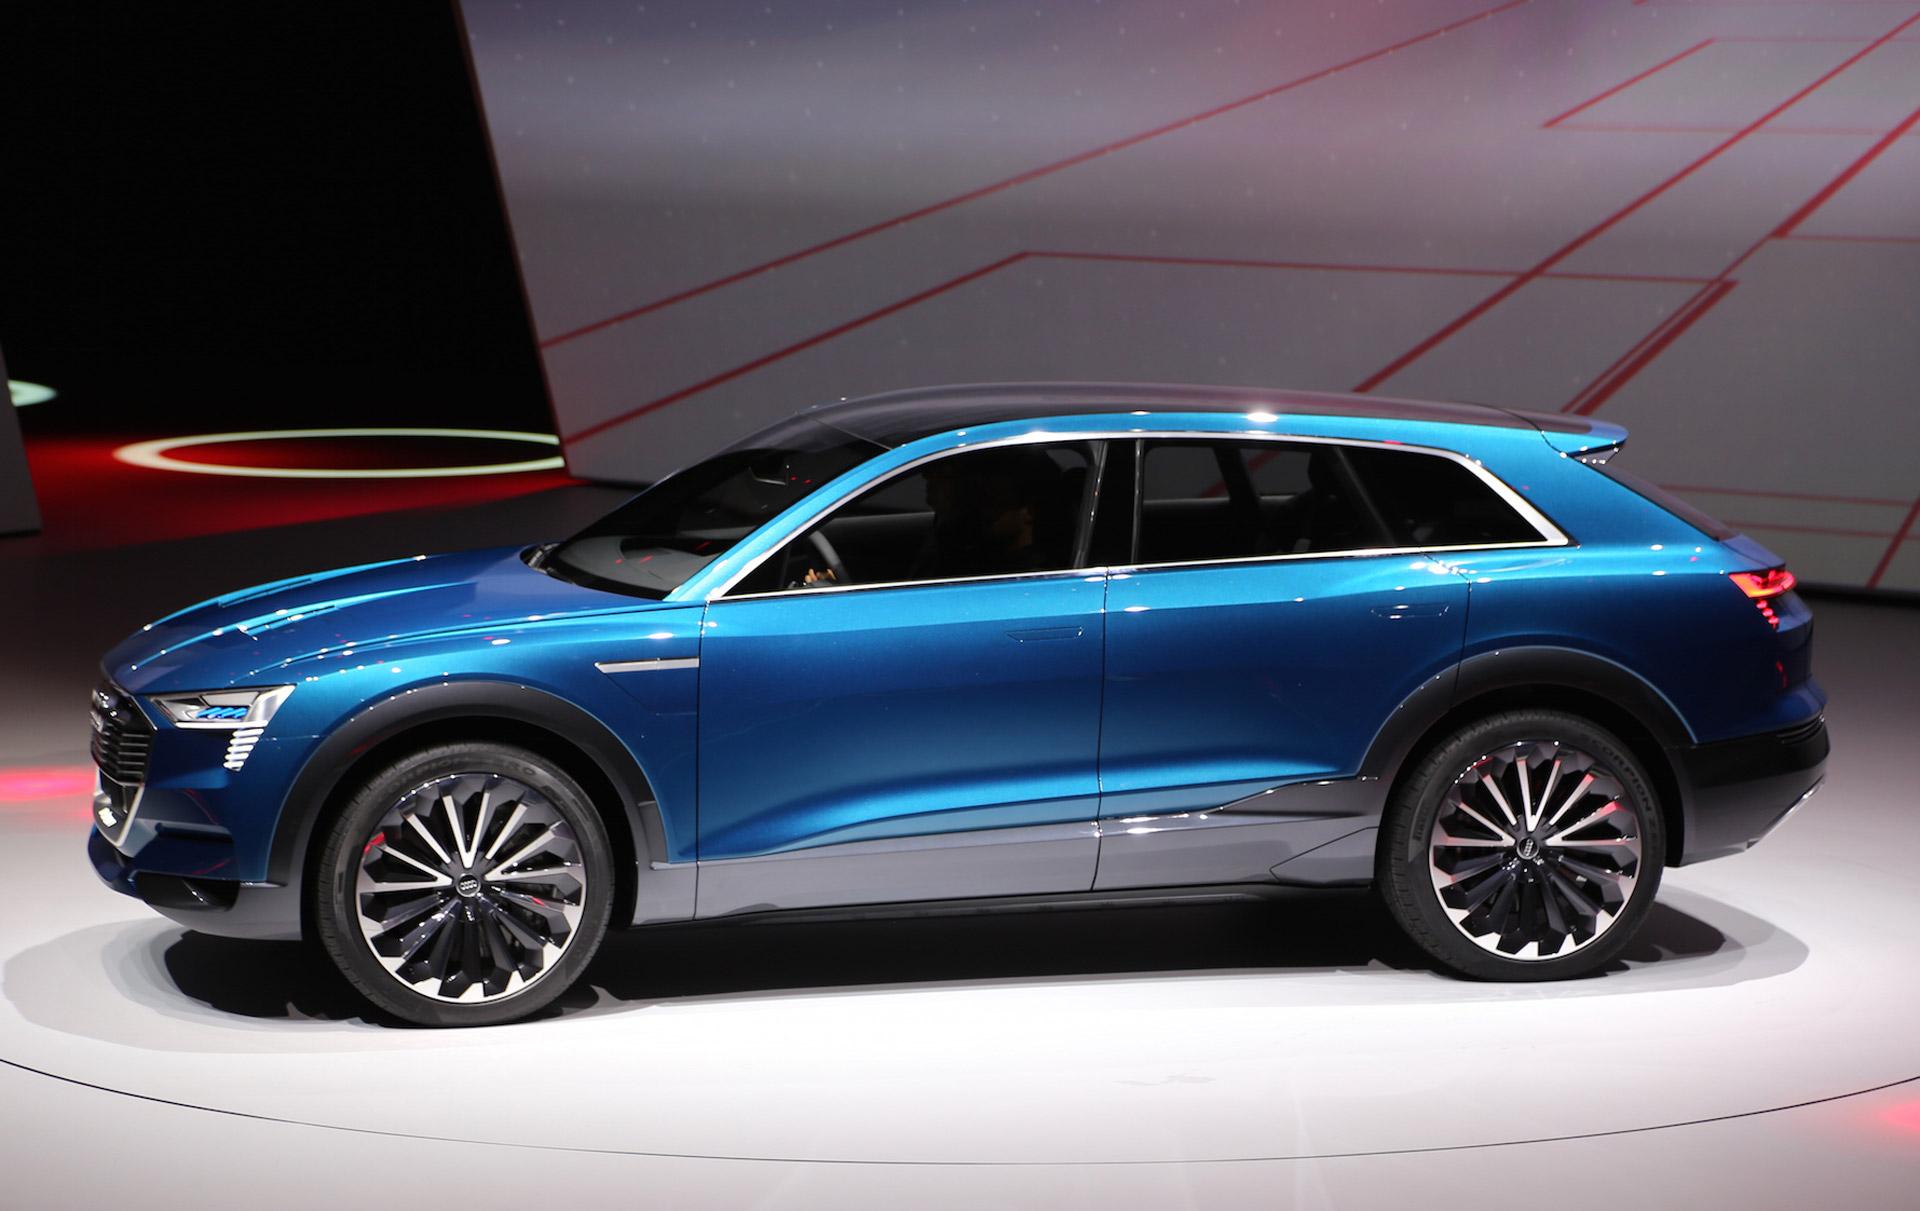 Audi San Francisco >> Audi e-tron quattro concept previews electric SUV coming in 2018